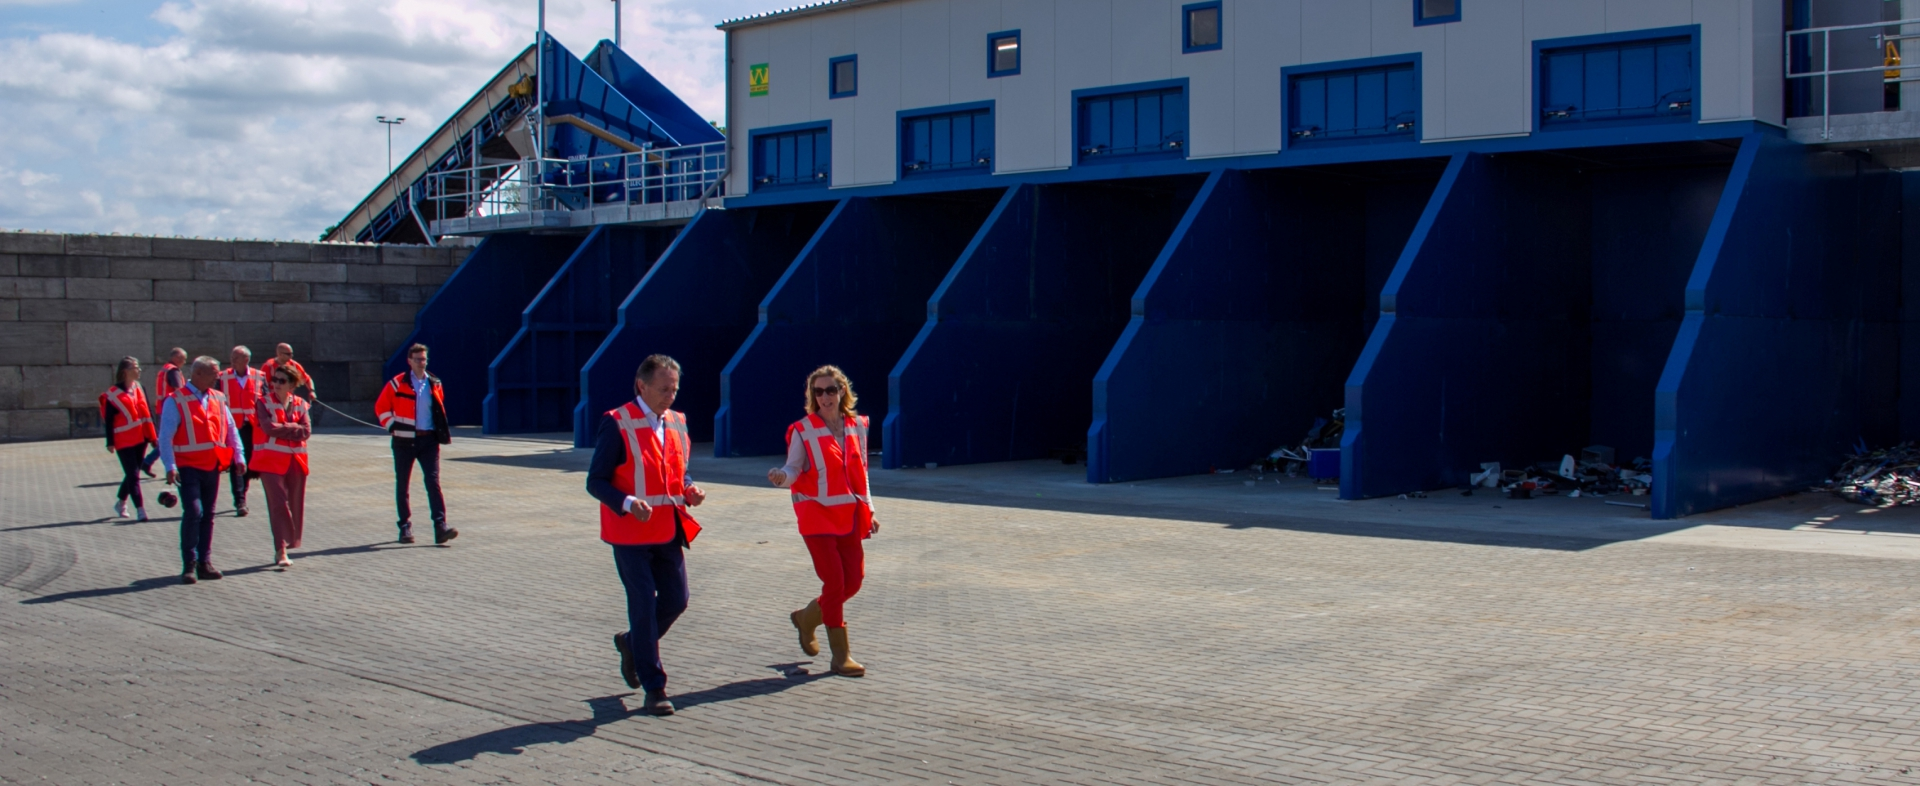 Staatssecretaris Van Veldhoven geeft startsein voor nieuwe sortering